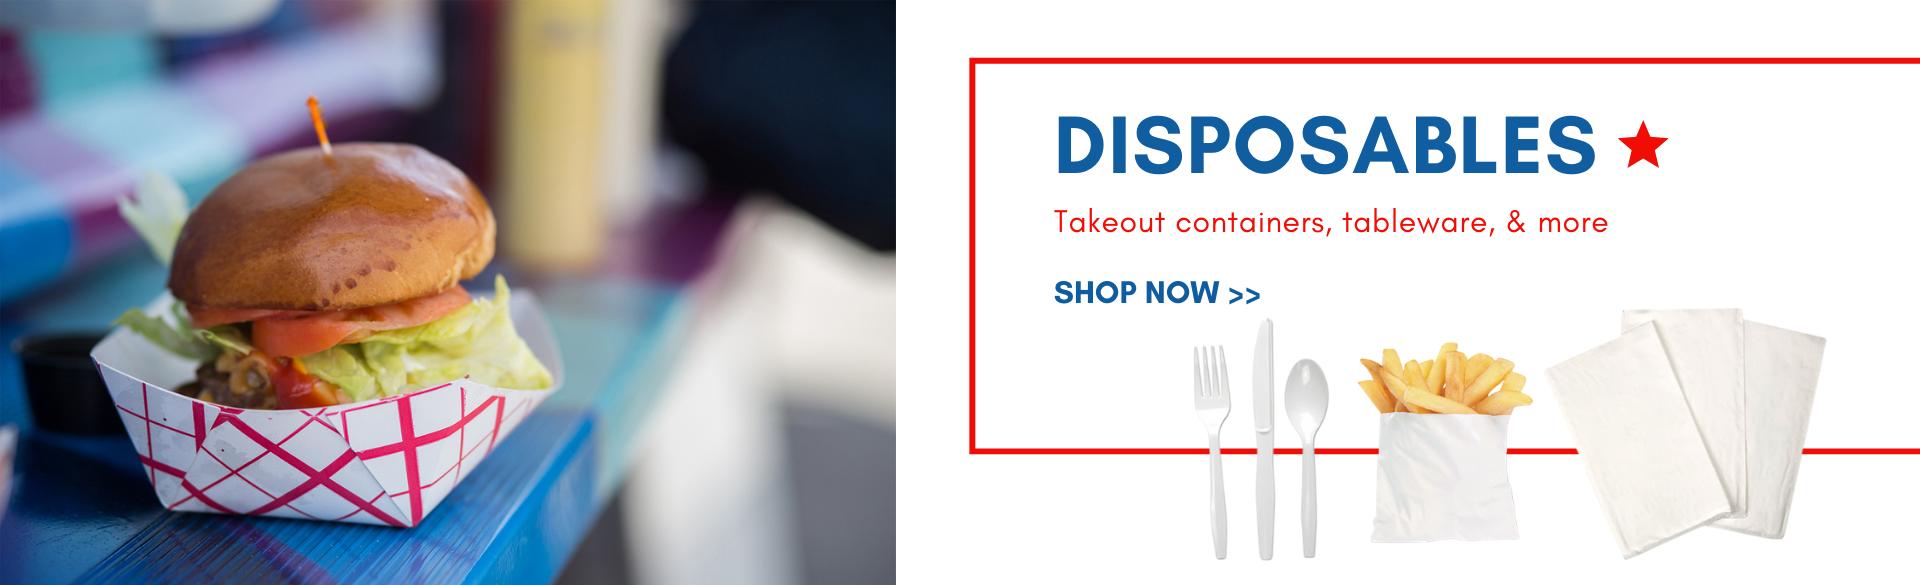 Shop Disposables at US Casehouse